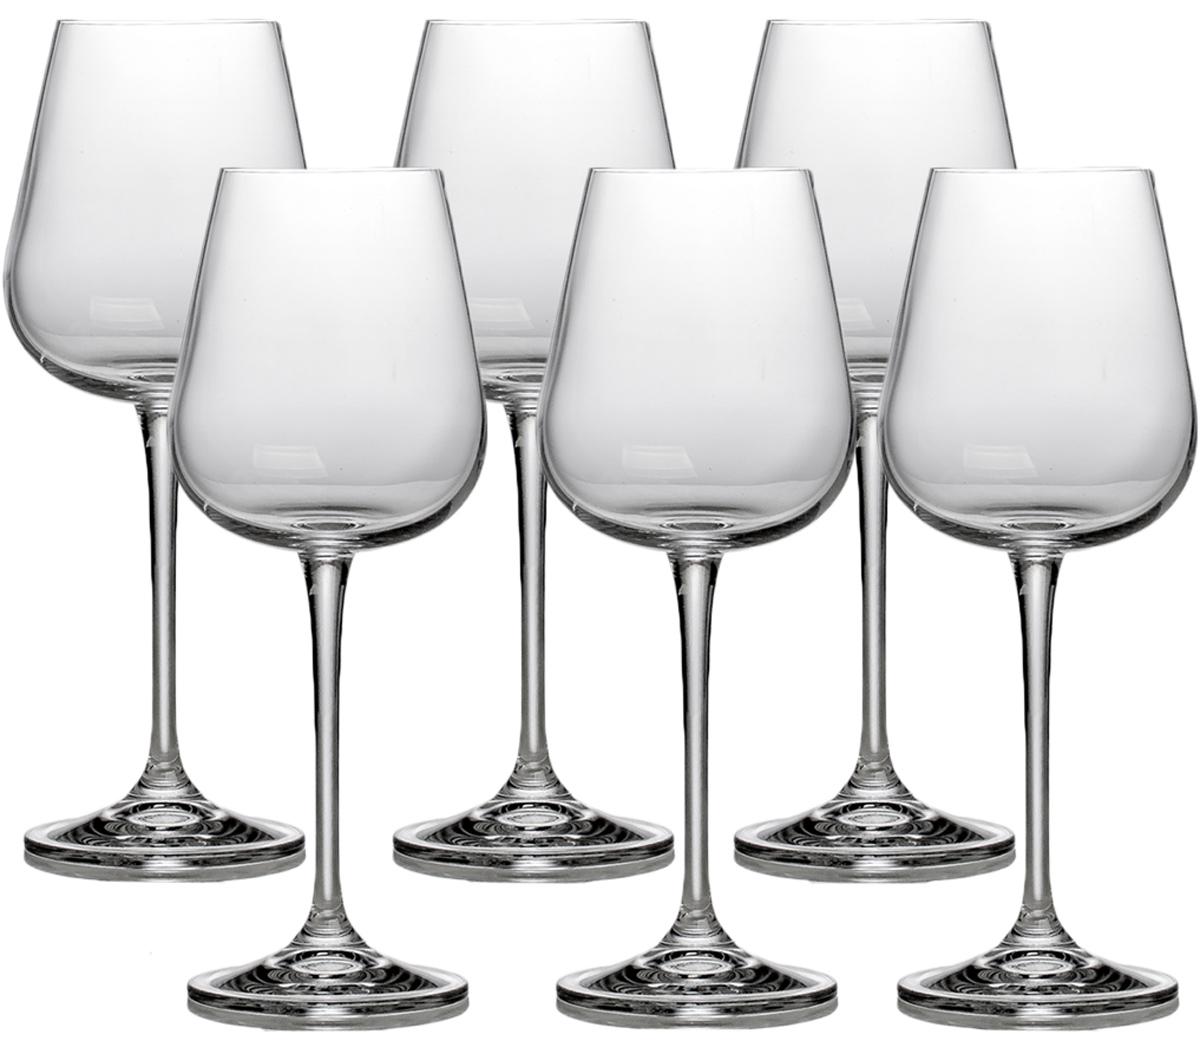 Набор бокалов для вина Crystalite Bohemia Амундсен, 540 мл, 6 шт1SF57`540Современная форма чаши, высокая нога.Бокалы из богемского стекла - это высокое качество,неповторимый бриллиантовый блекс, легкость и прозрачность, естественный планый силуэт. Выдувное хрустальное стекло с добавлением окиси титана. Дополнительный обжиг края.